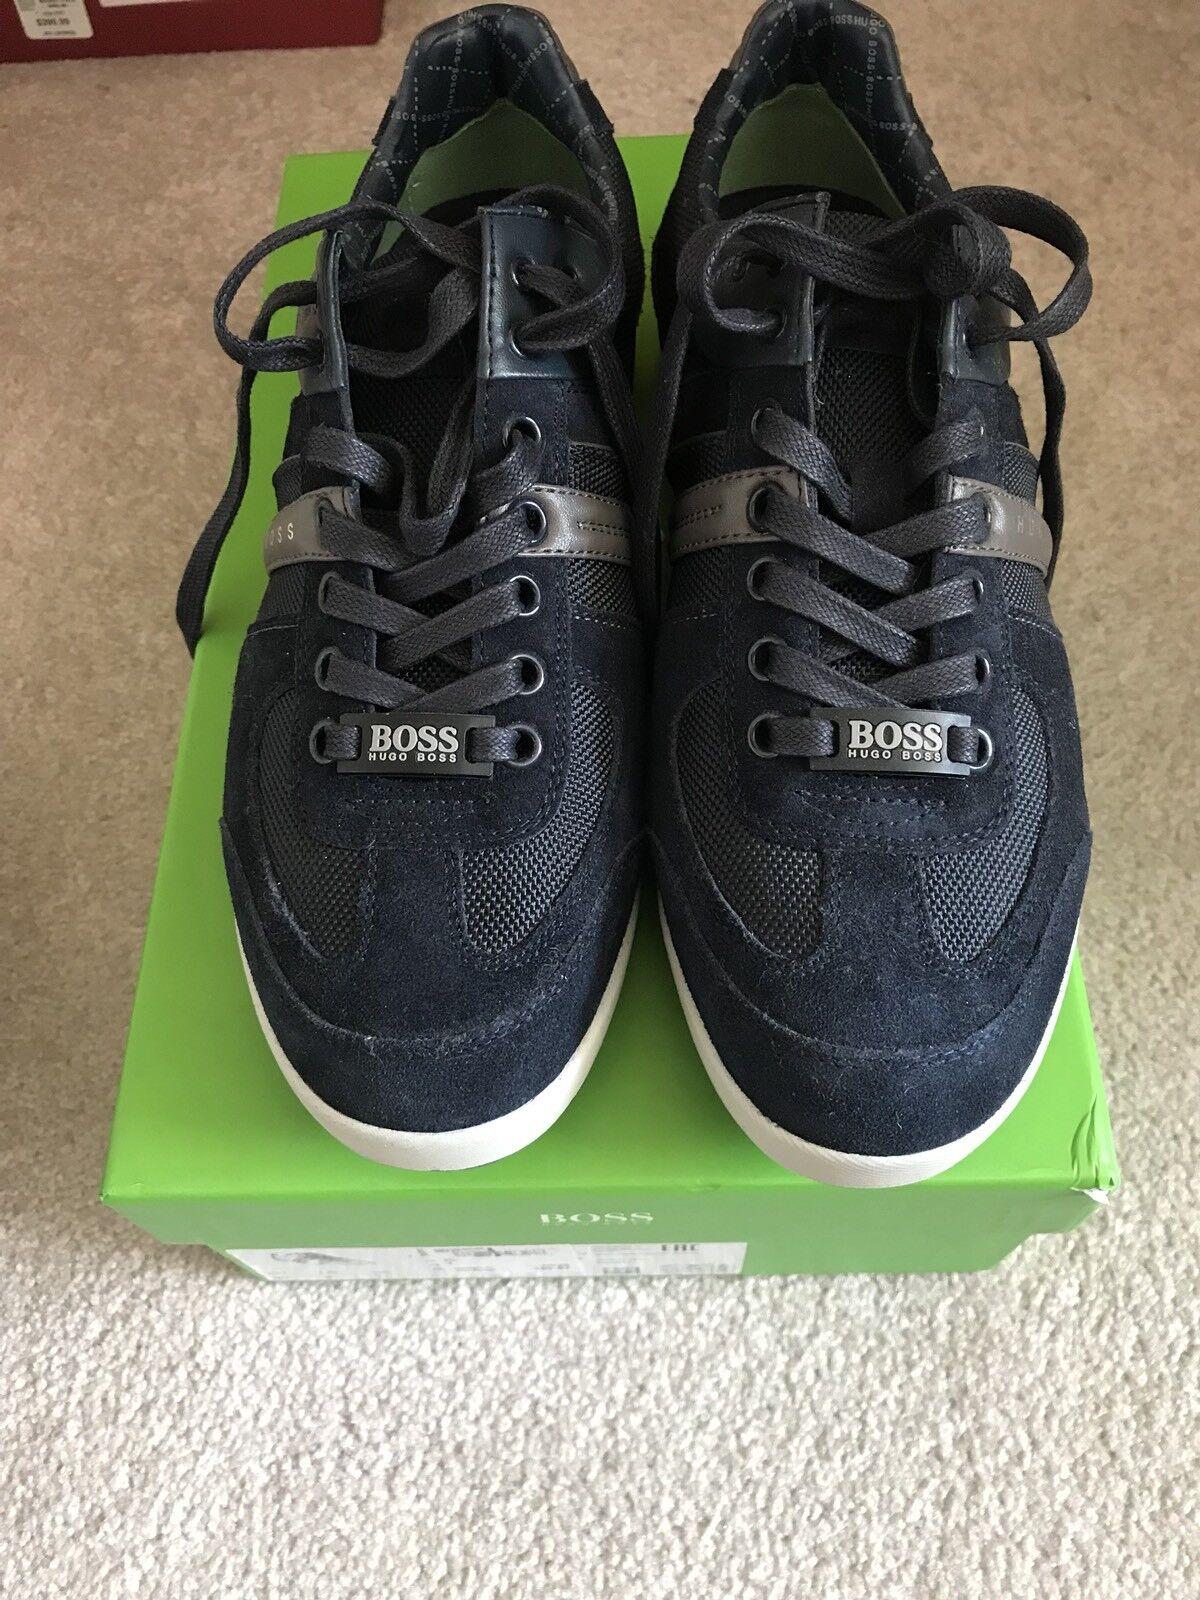 Nuova  scatola Hugo Boss Logo Scarpe scarpe da ginnastica Men Akeen Navy blu 40   7  245  nelle promozioni dello stadio